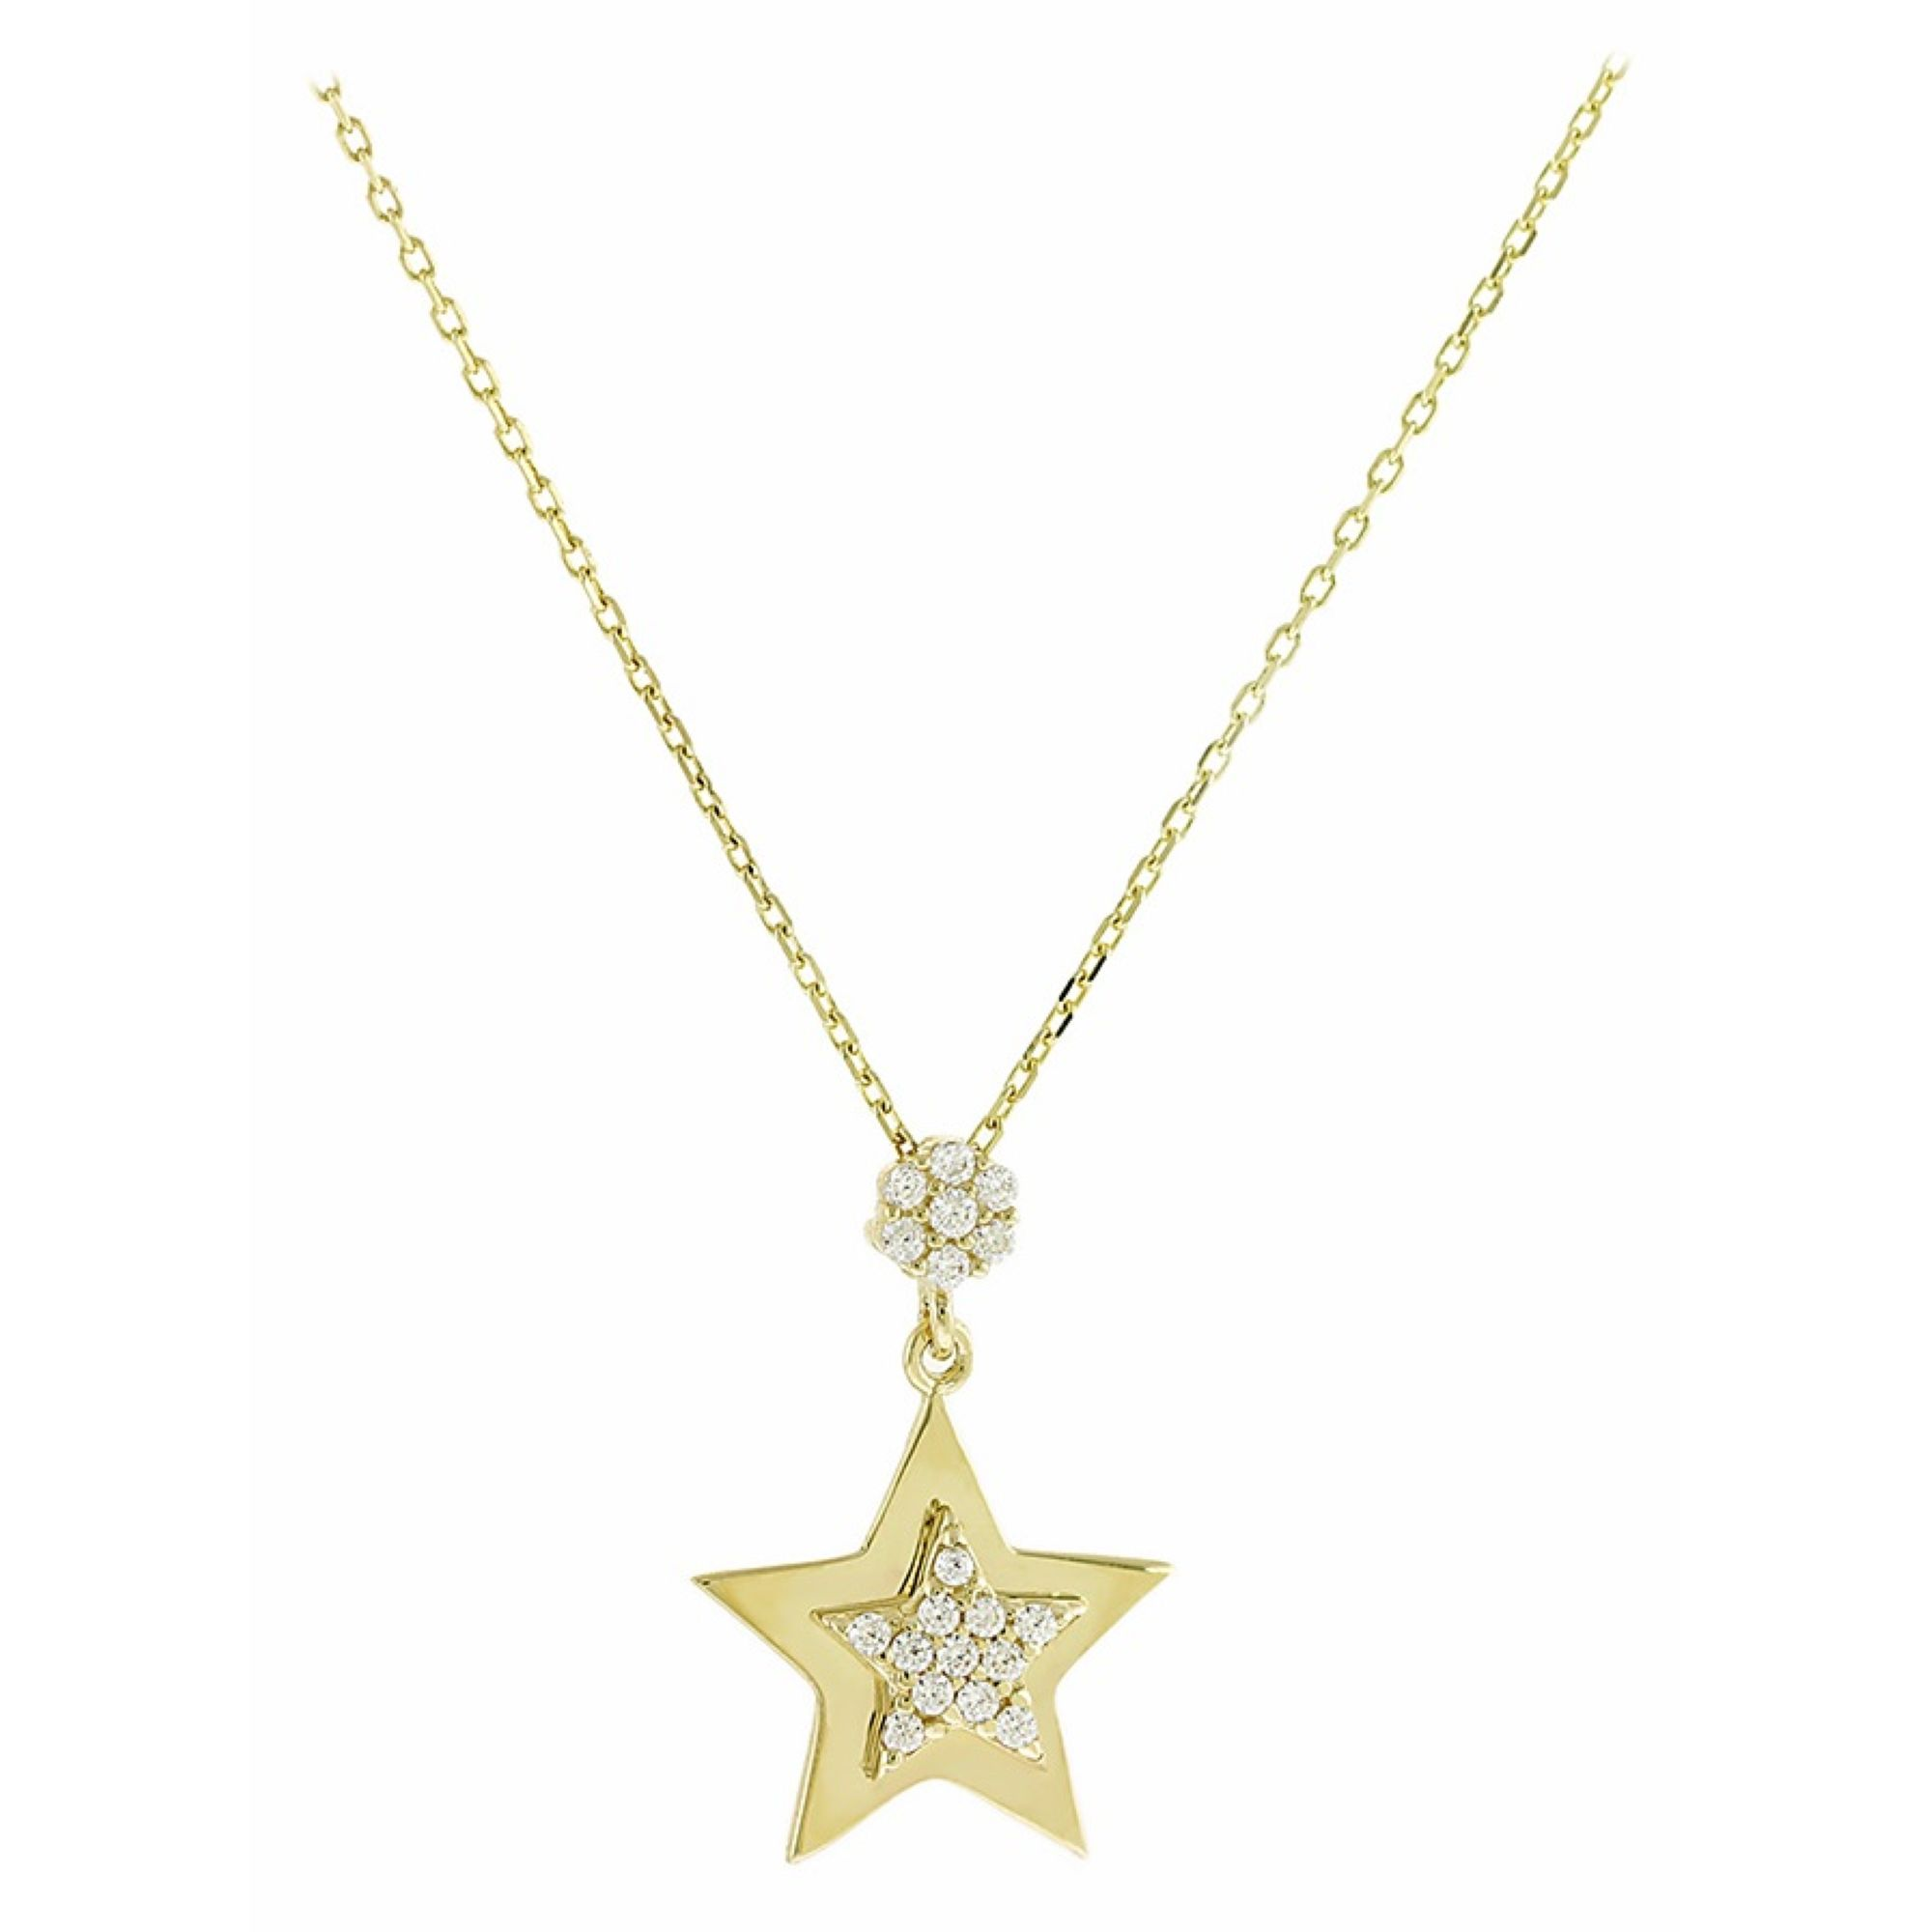 Κολιέ με Αστέρι σε Κίτρινο Χρυσό 14 Καράτια